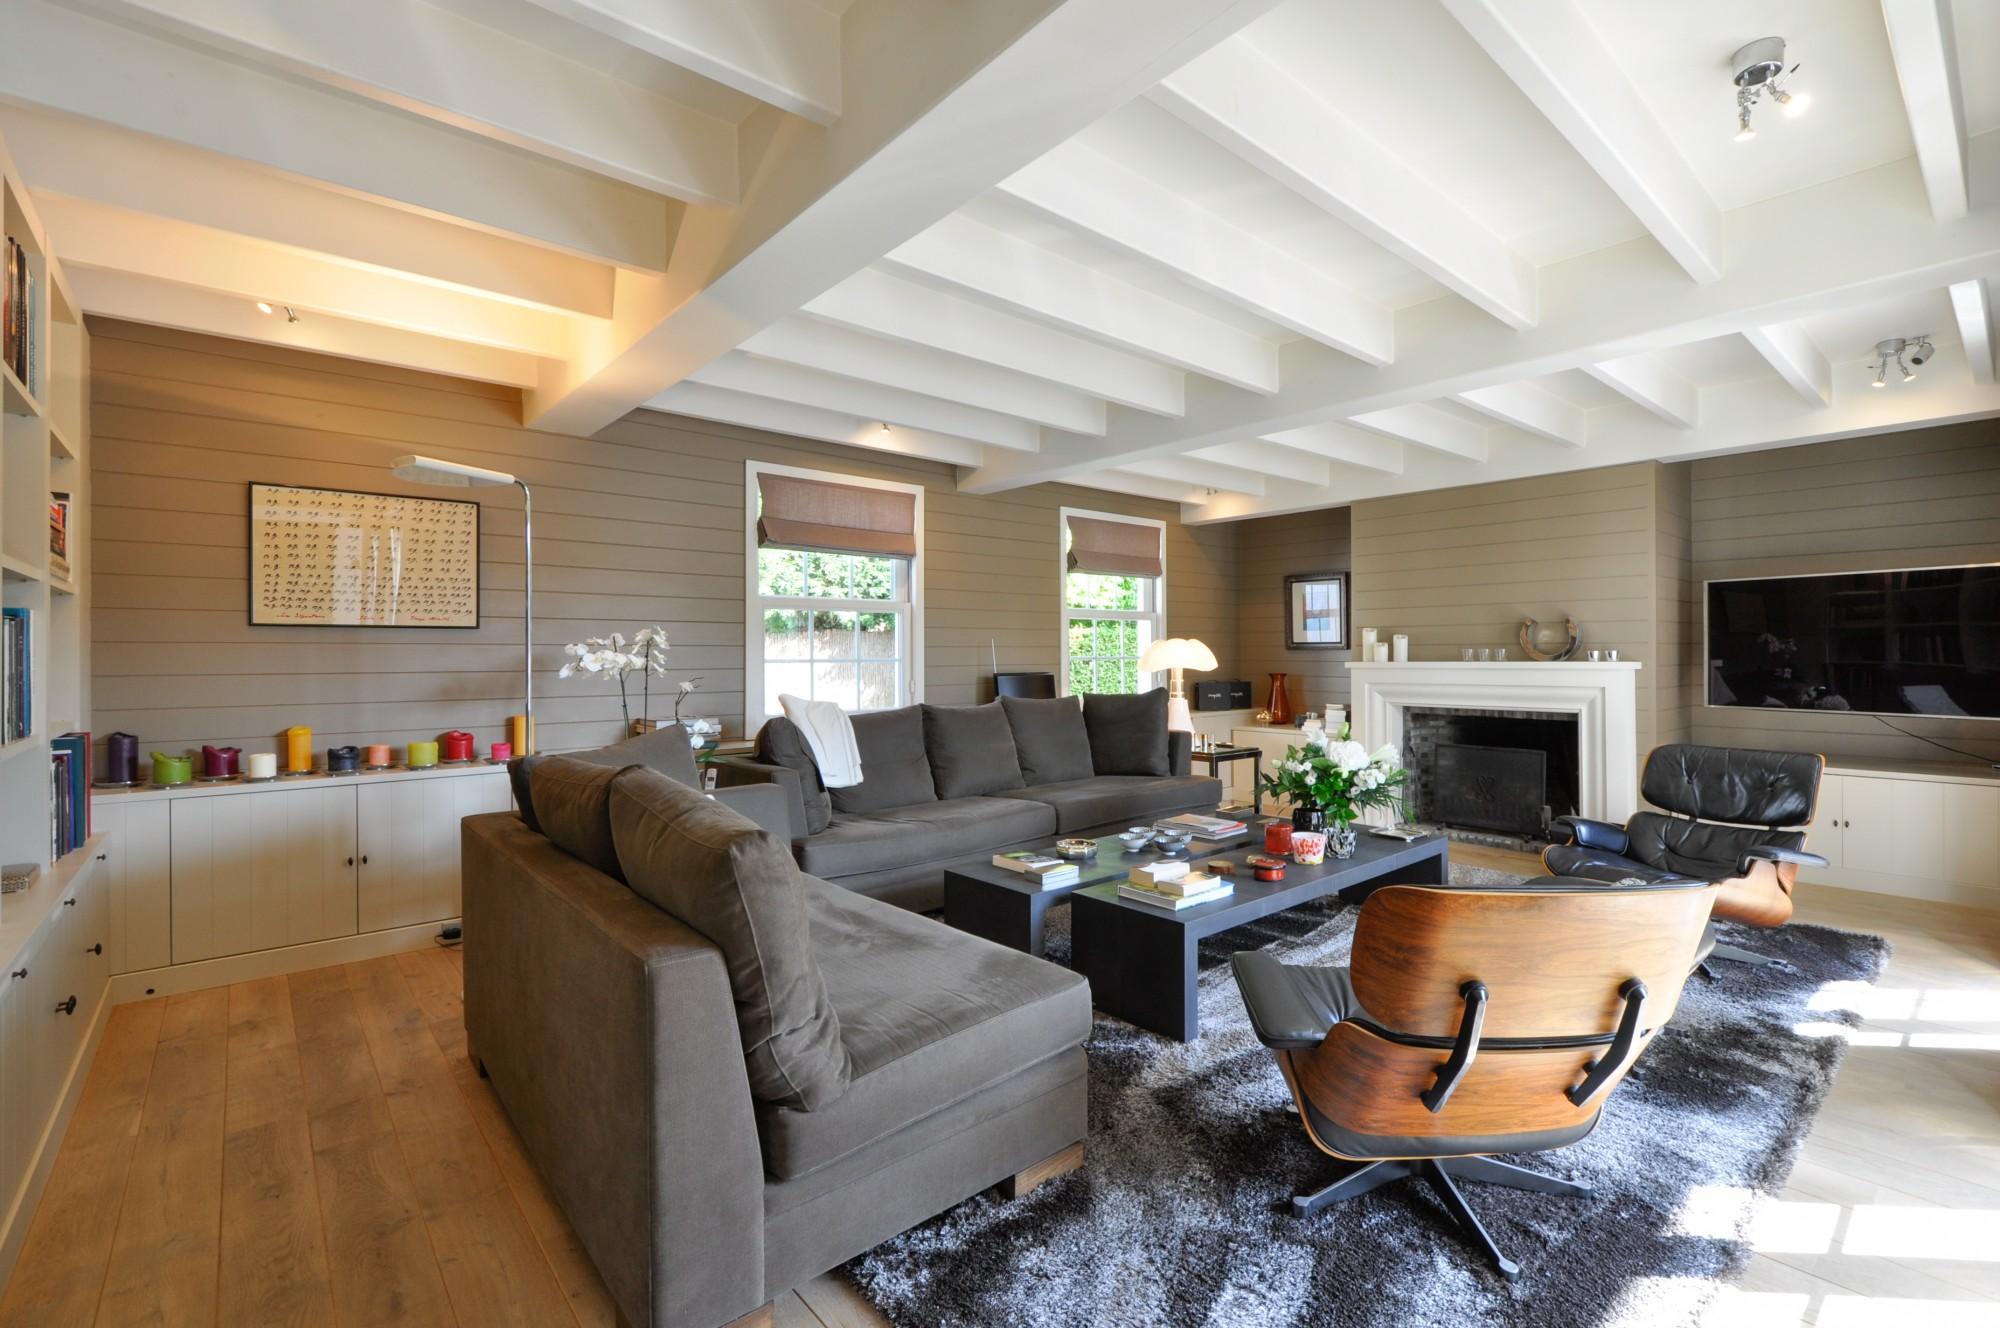 ventes villa knokke heist alleenstaande villa in long island stijl prestigieus vastgoedkantoor. Black Bedroom Furniture Sets. Home Design Ideas